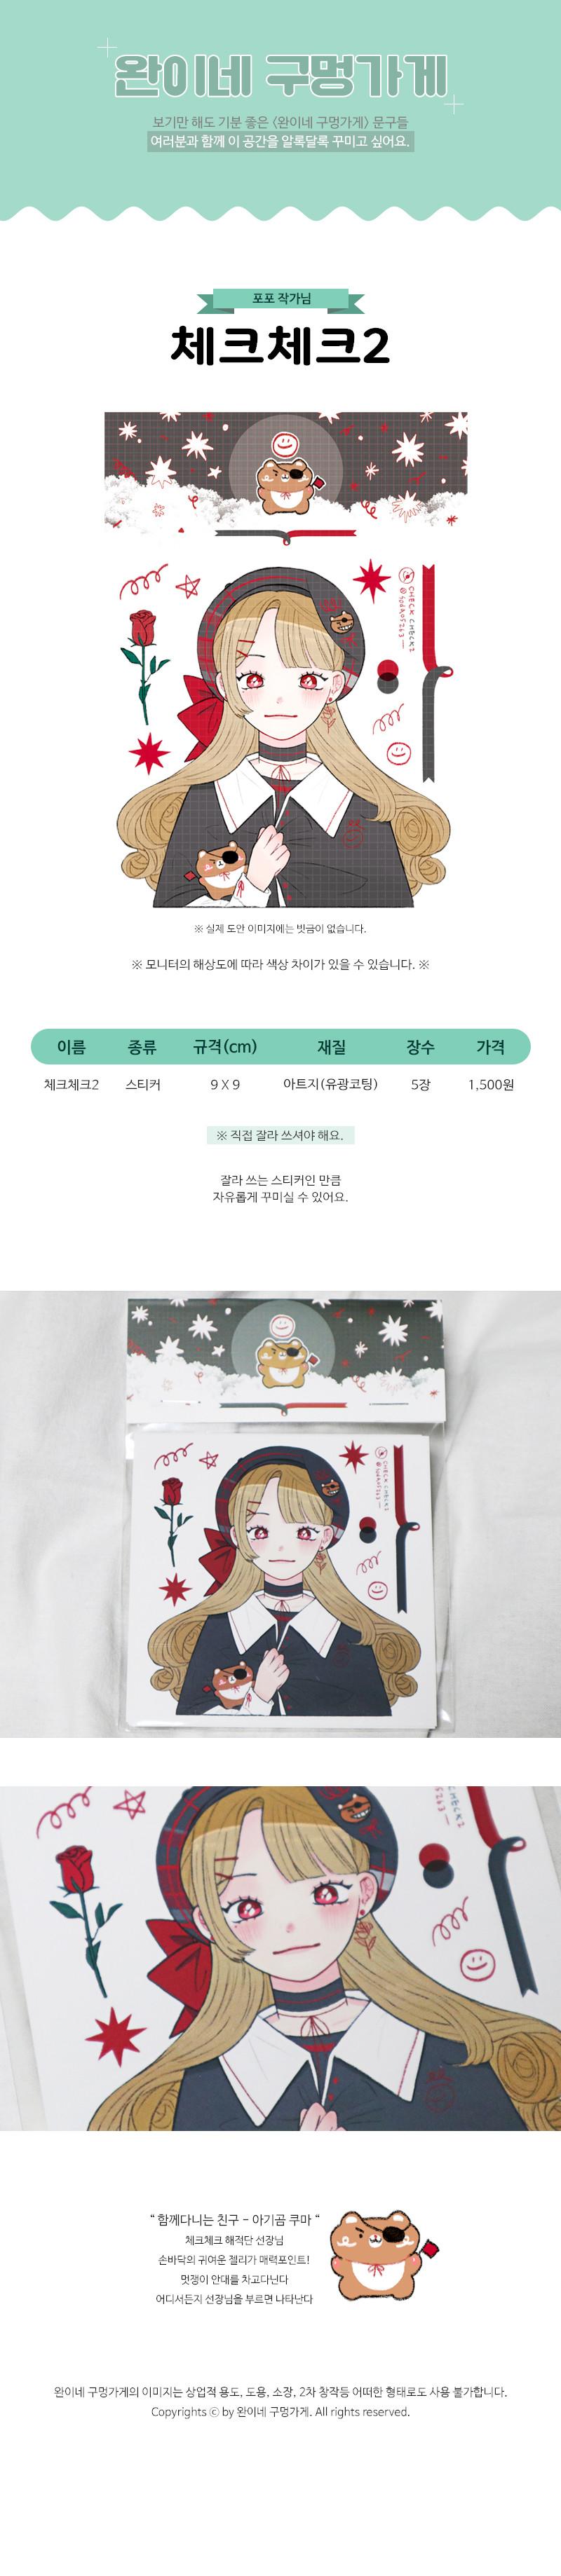 sticker546